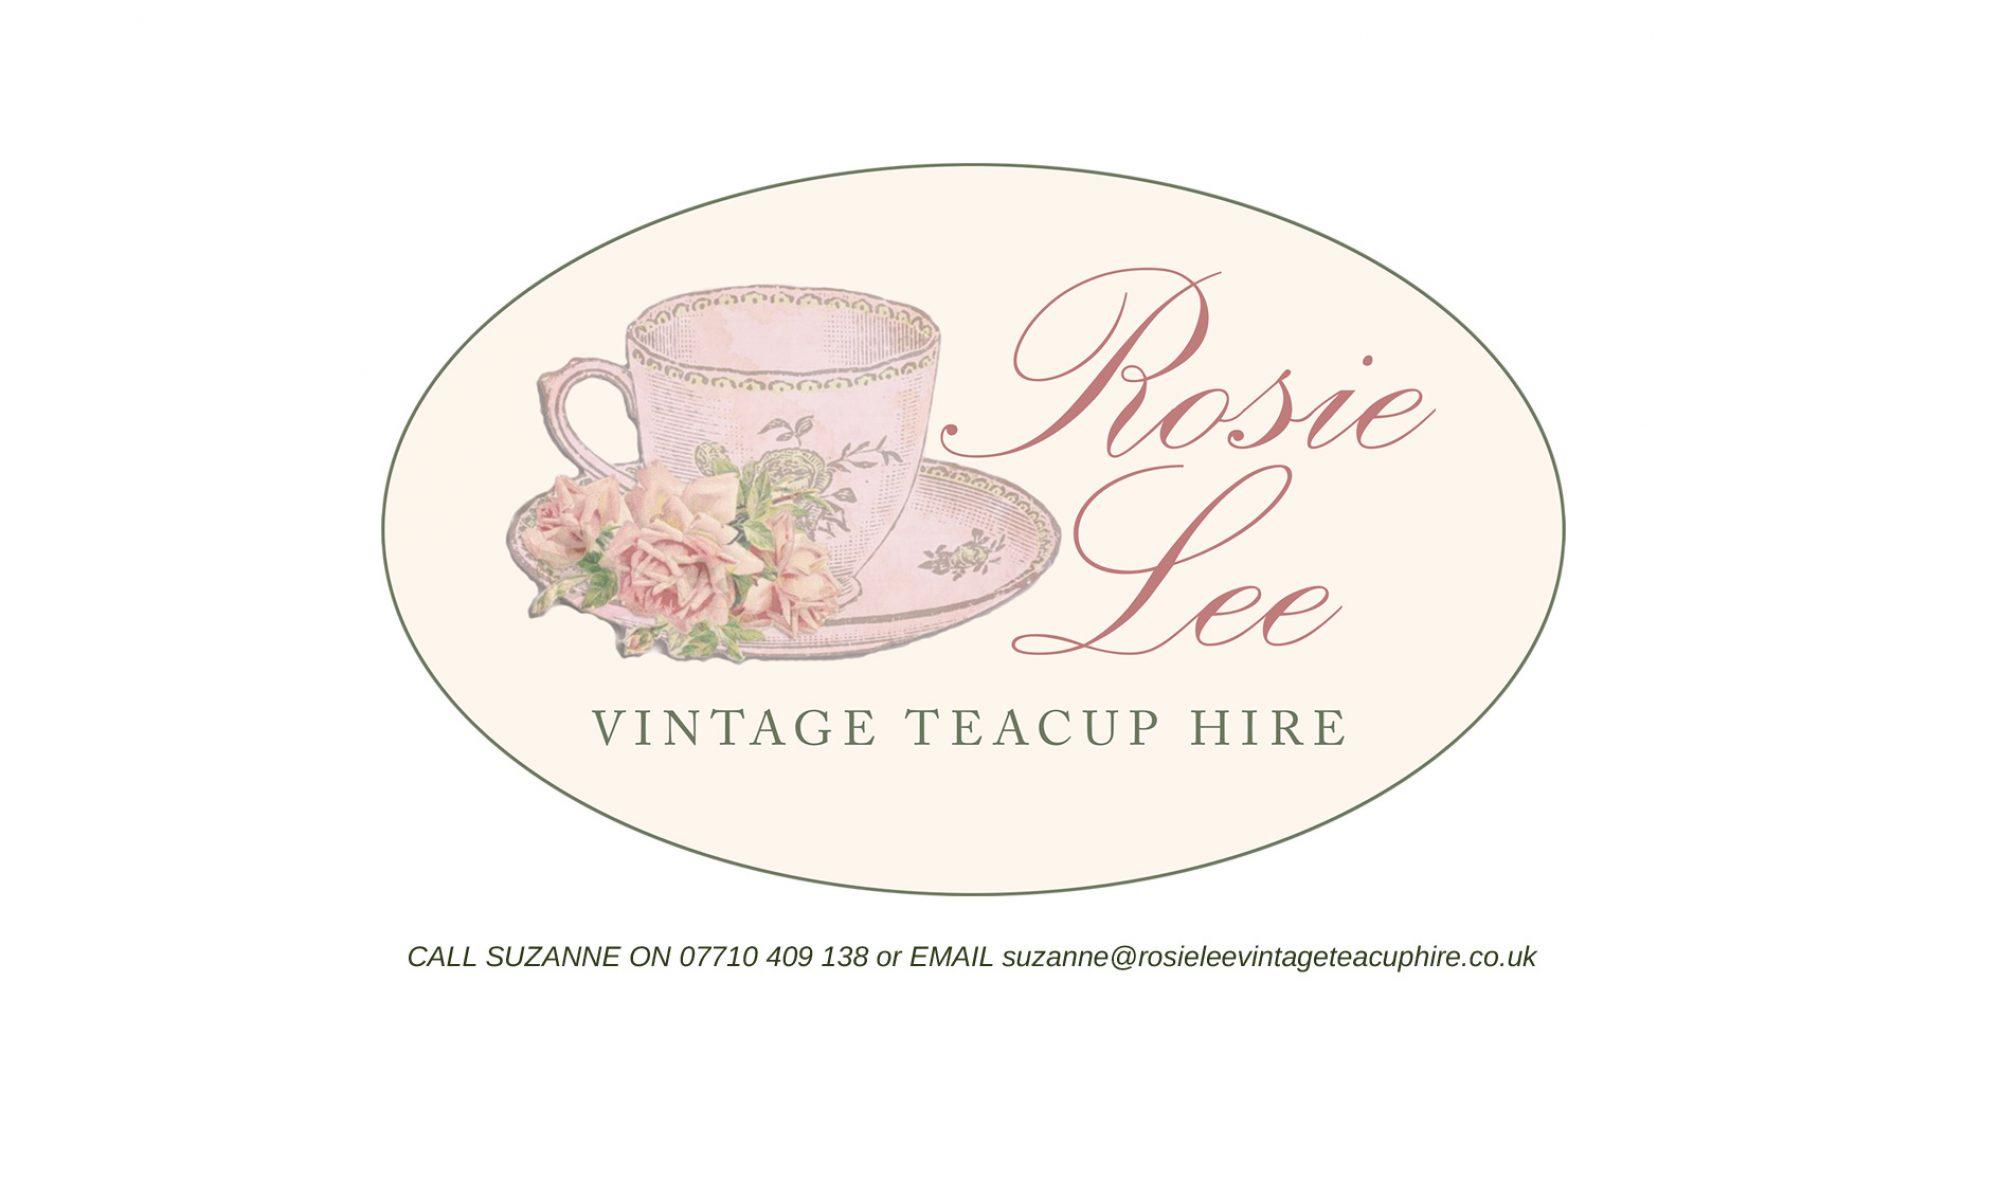 Rosie Lee Vintage Teacup Hire